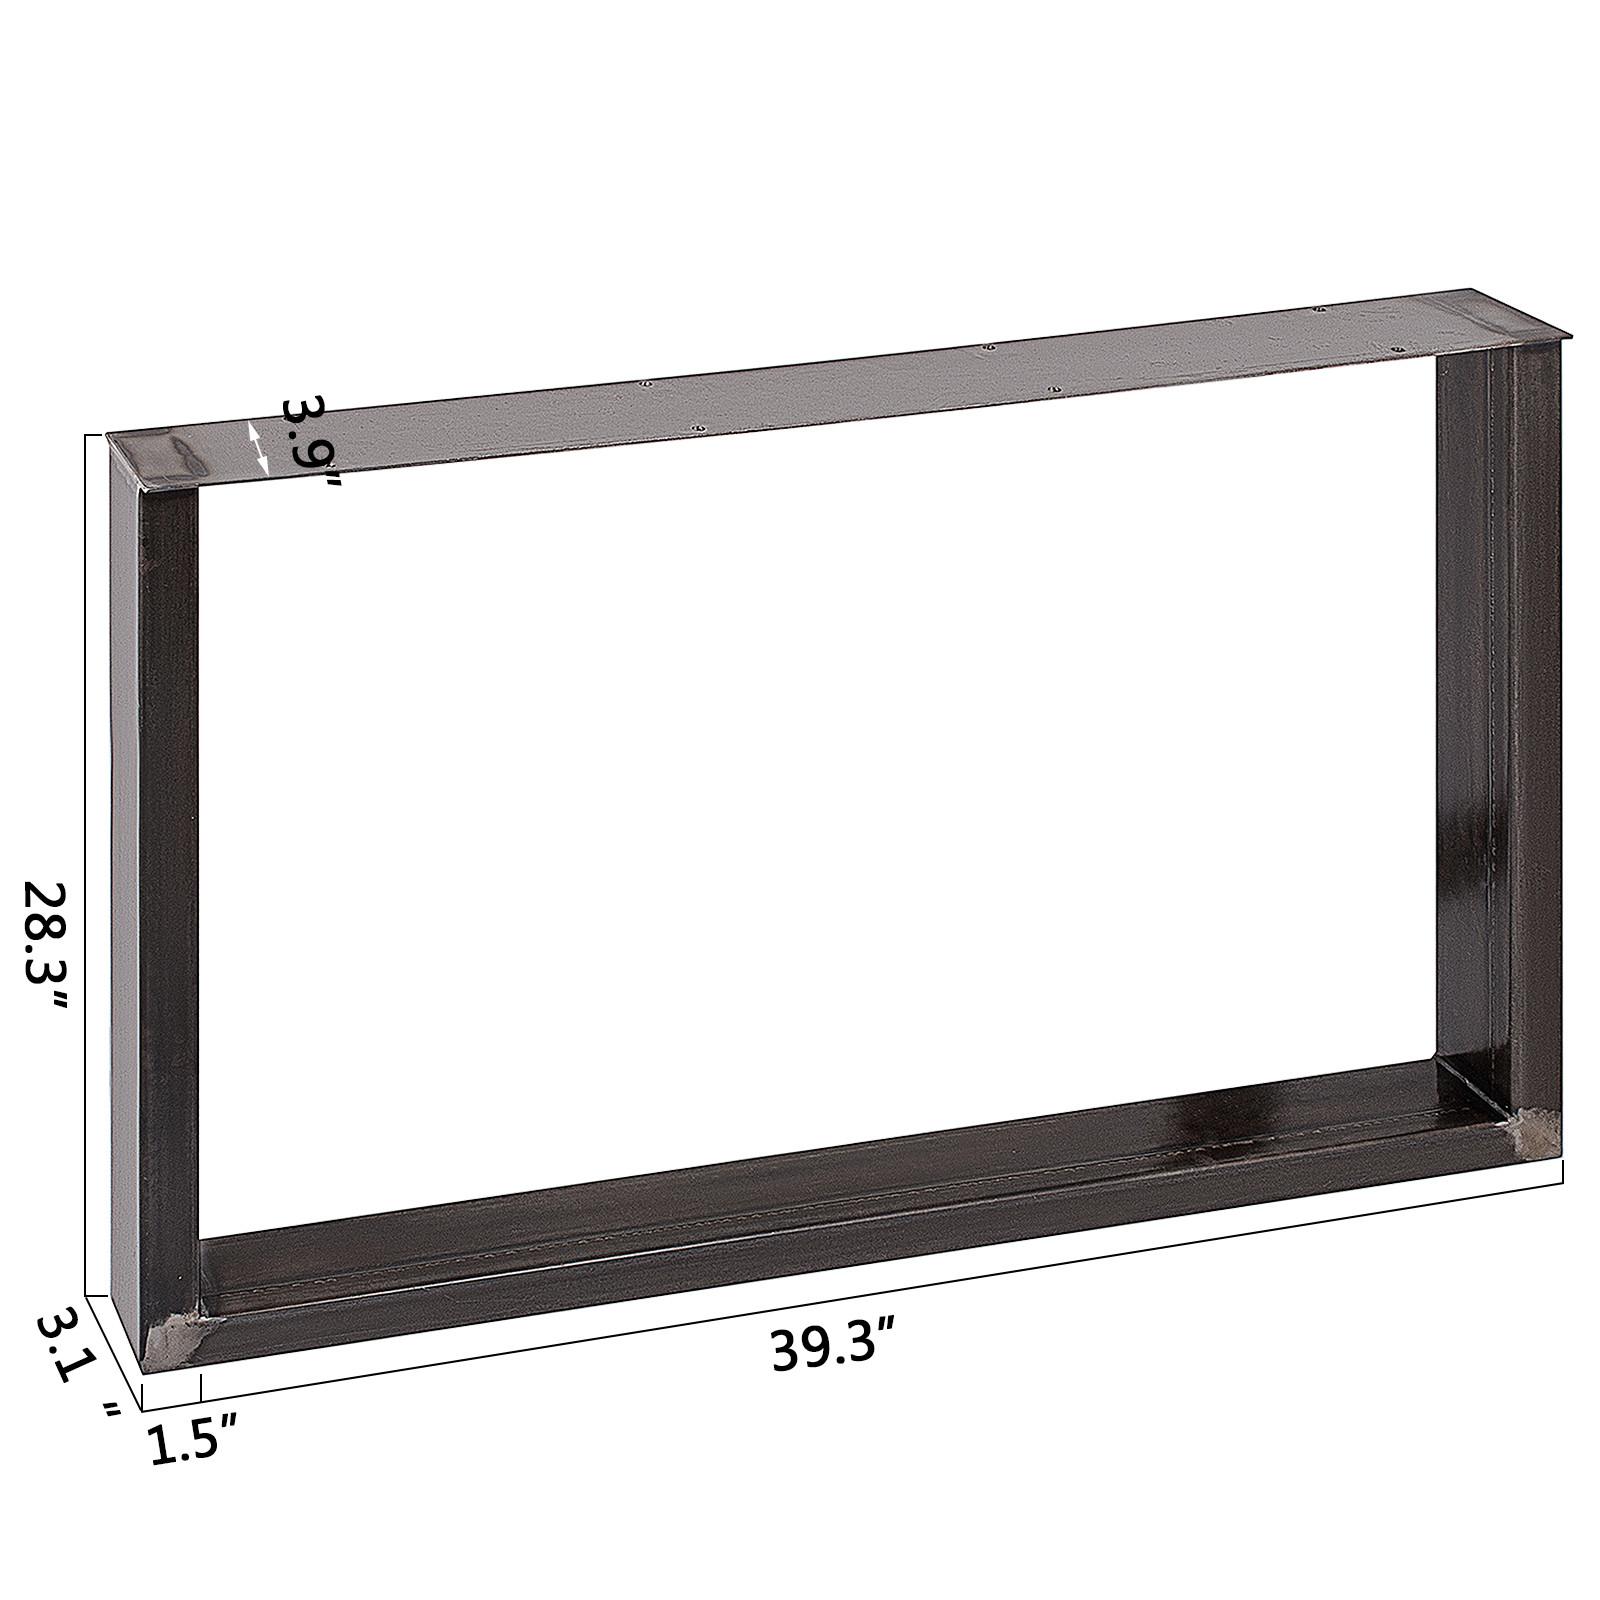 2x-Gambe-per-tavolo-piedi-tavolo-72X-100-CM-Salotto-Cucina-stile-industriale miniatura 2